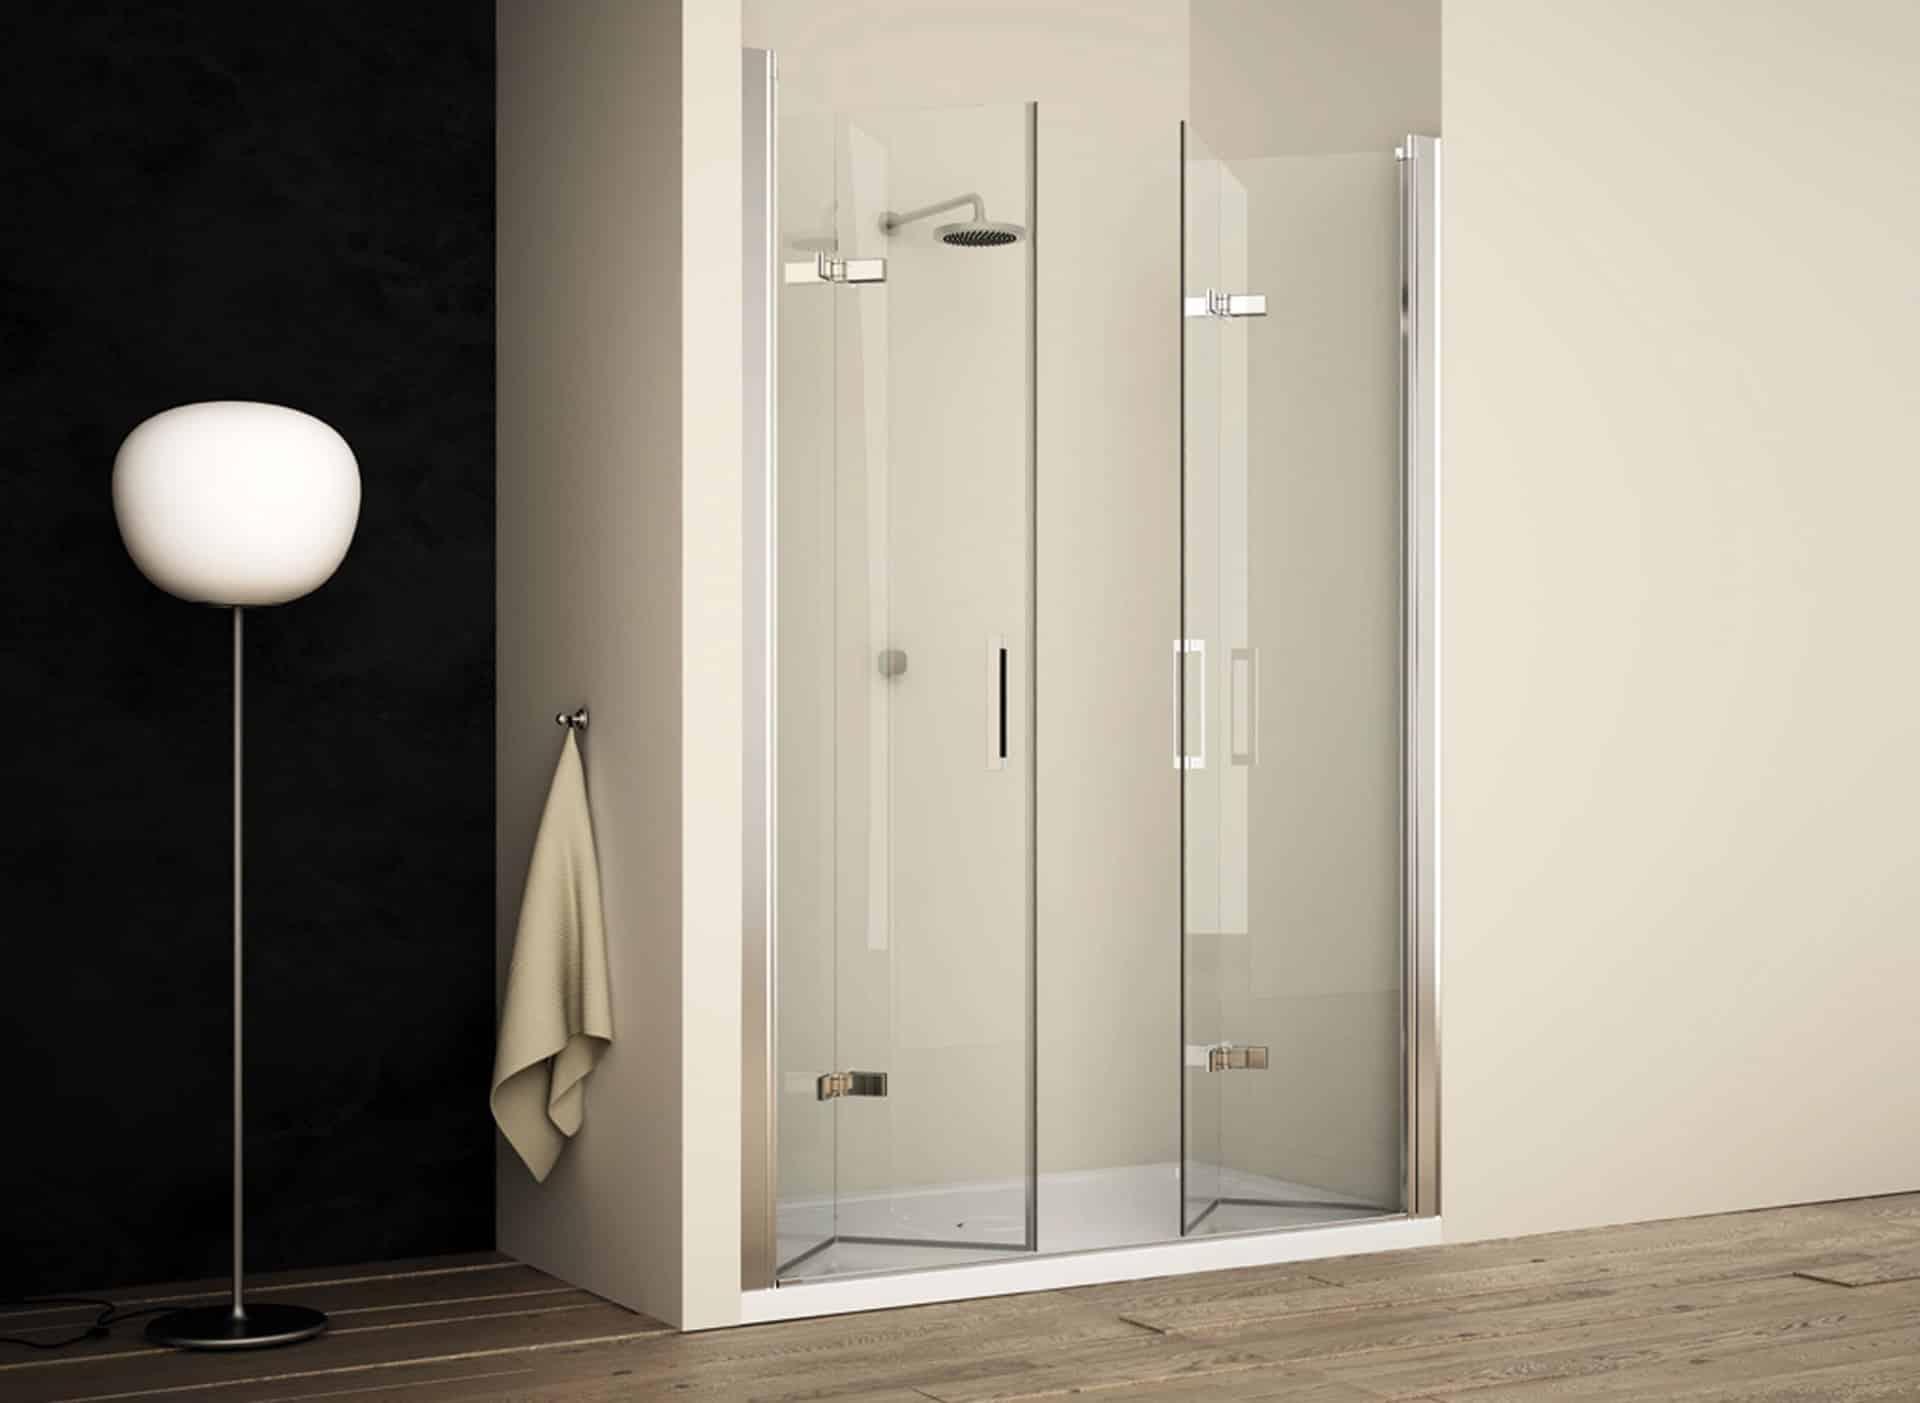 Box Per Vasca Da Bagno Piccola : Box doccia per vasca da bagno a soffietto box doccia porta a